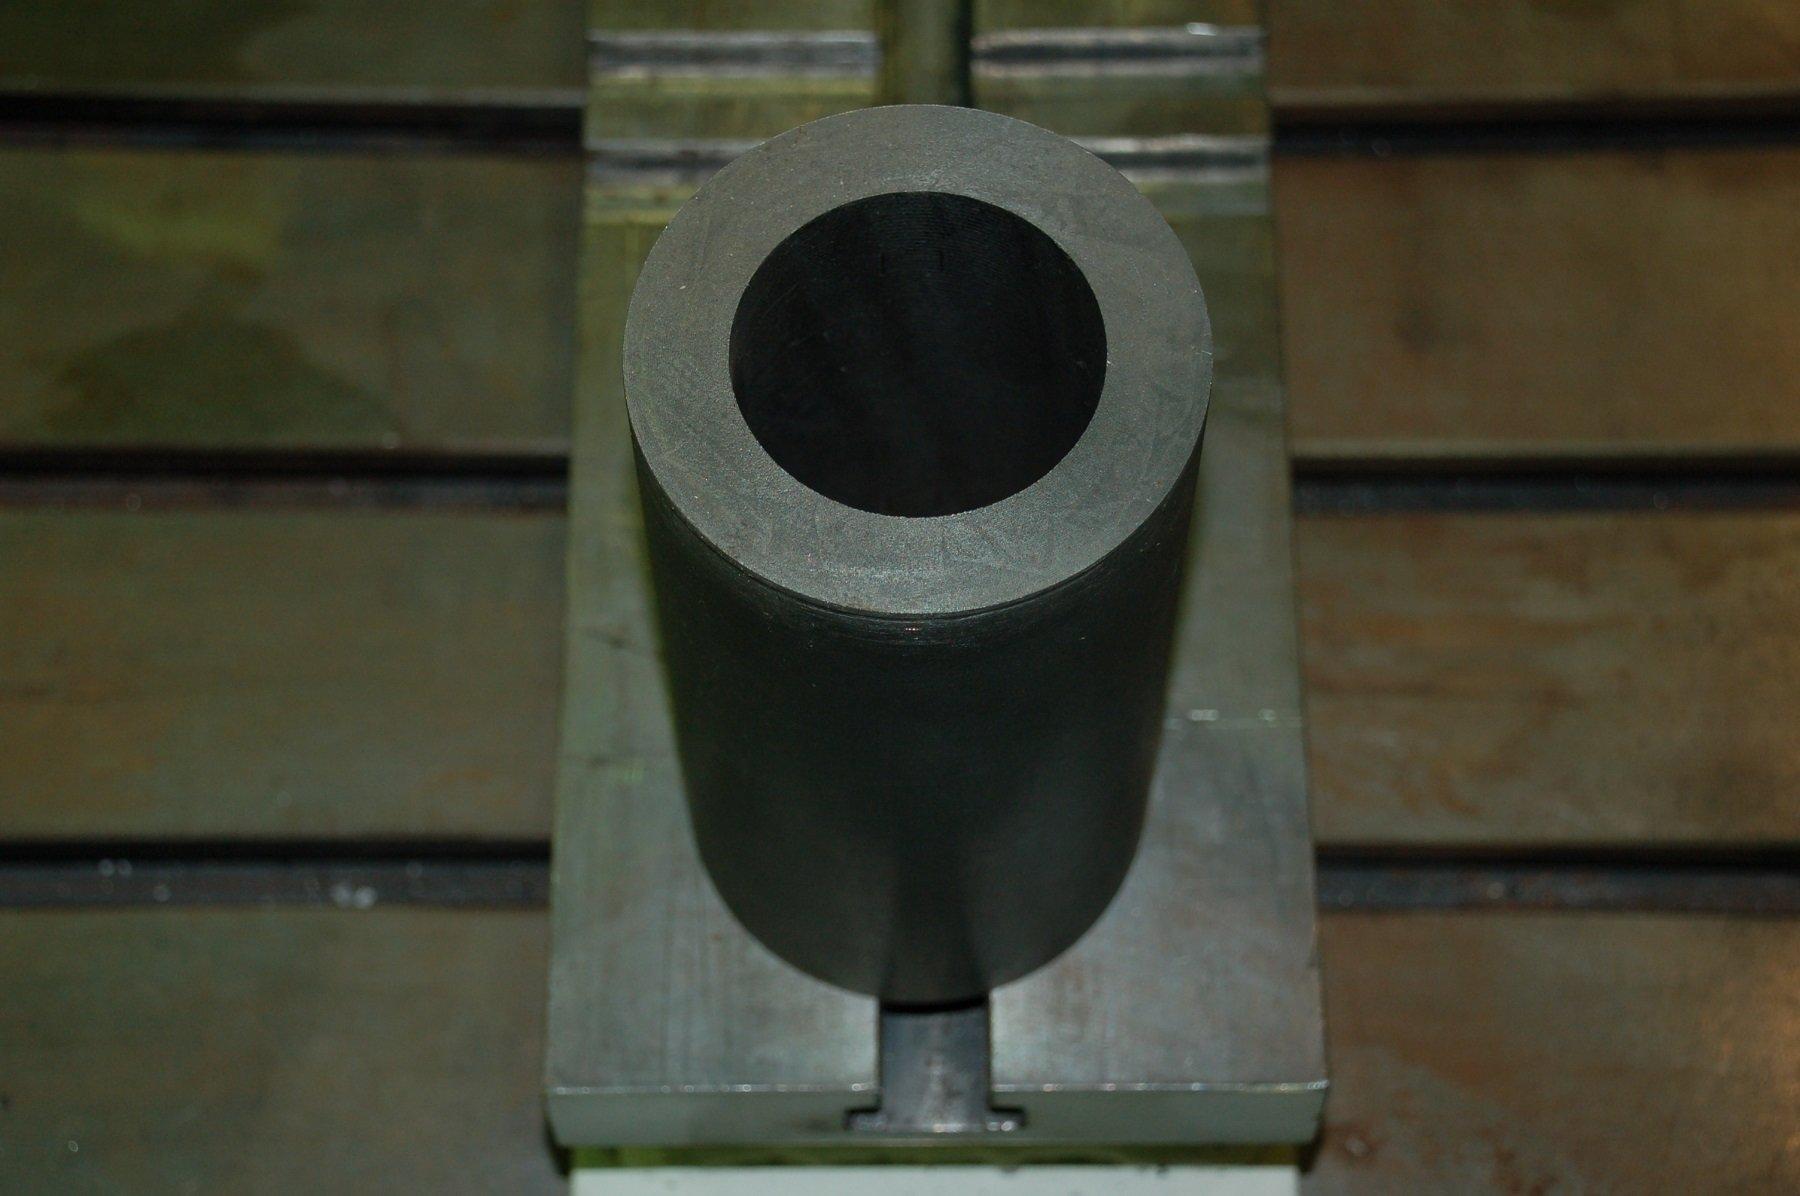 Алюминиевый бокс phantom напрямую с завода фронтальная камера phantom по сниженной цене